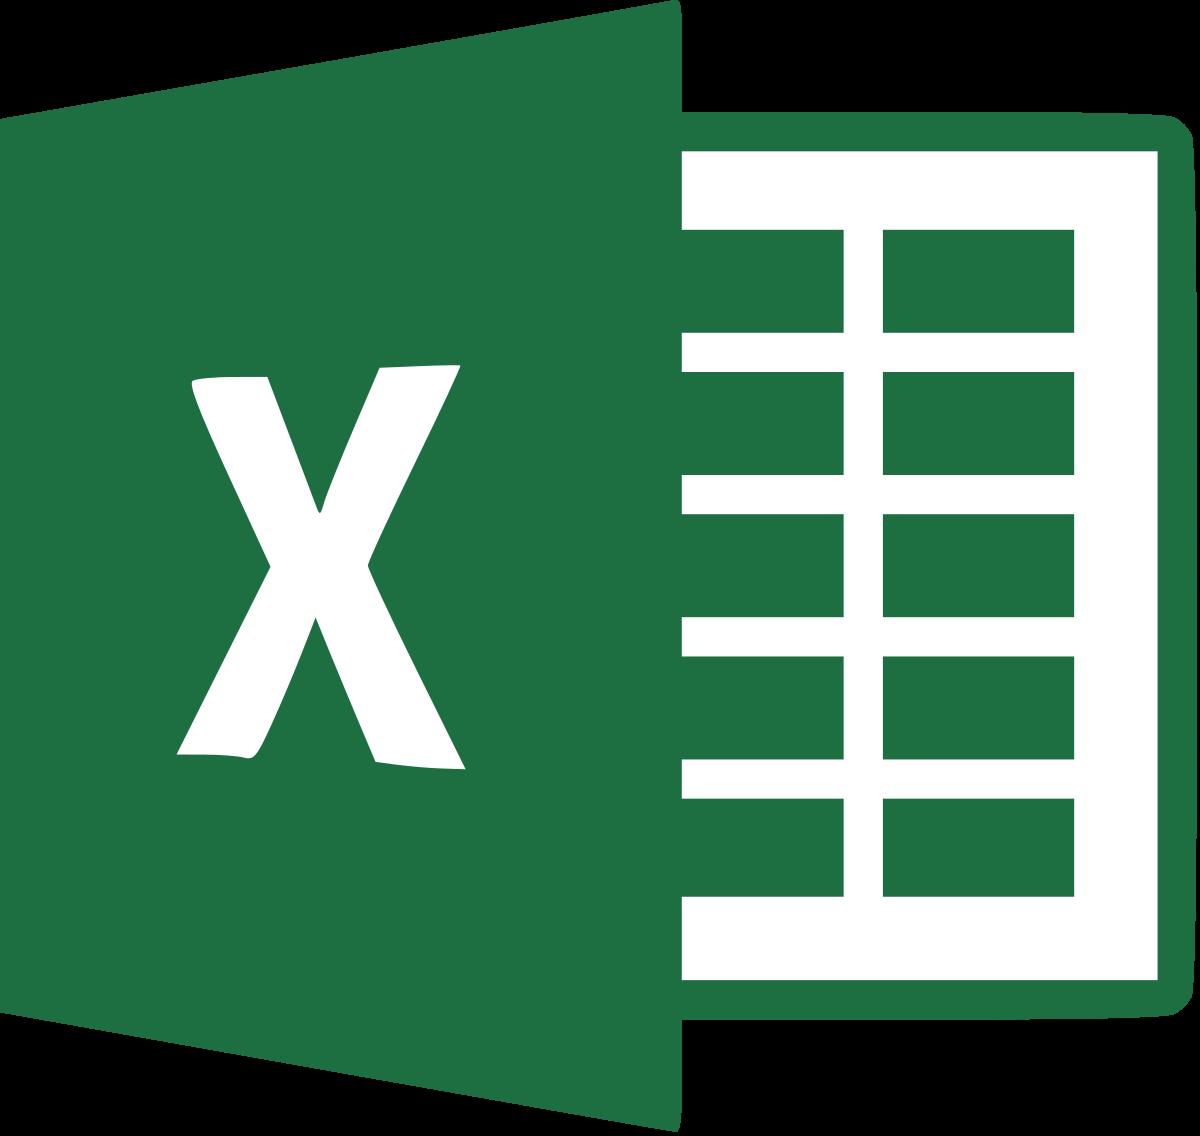 Revisiting Excel Interop